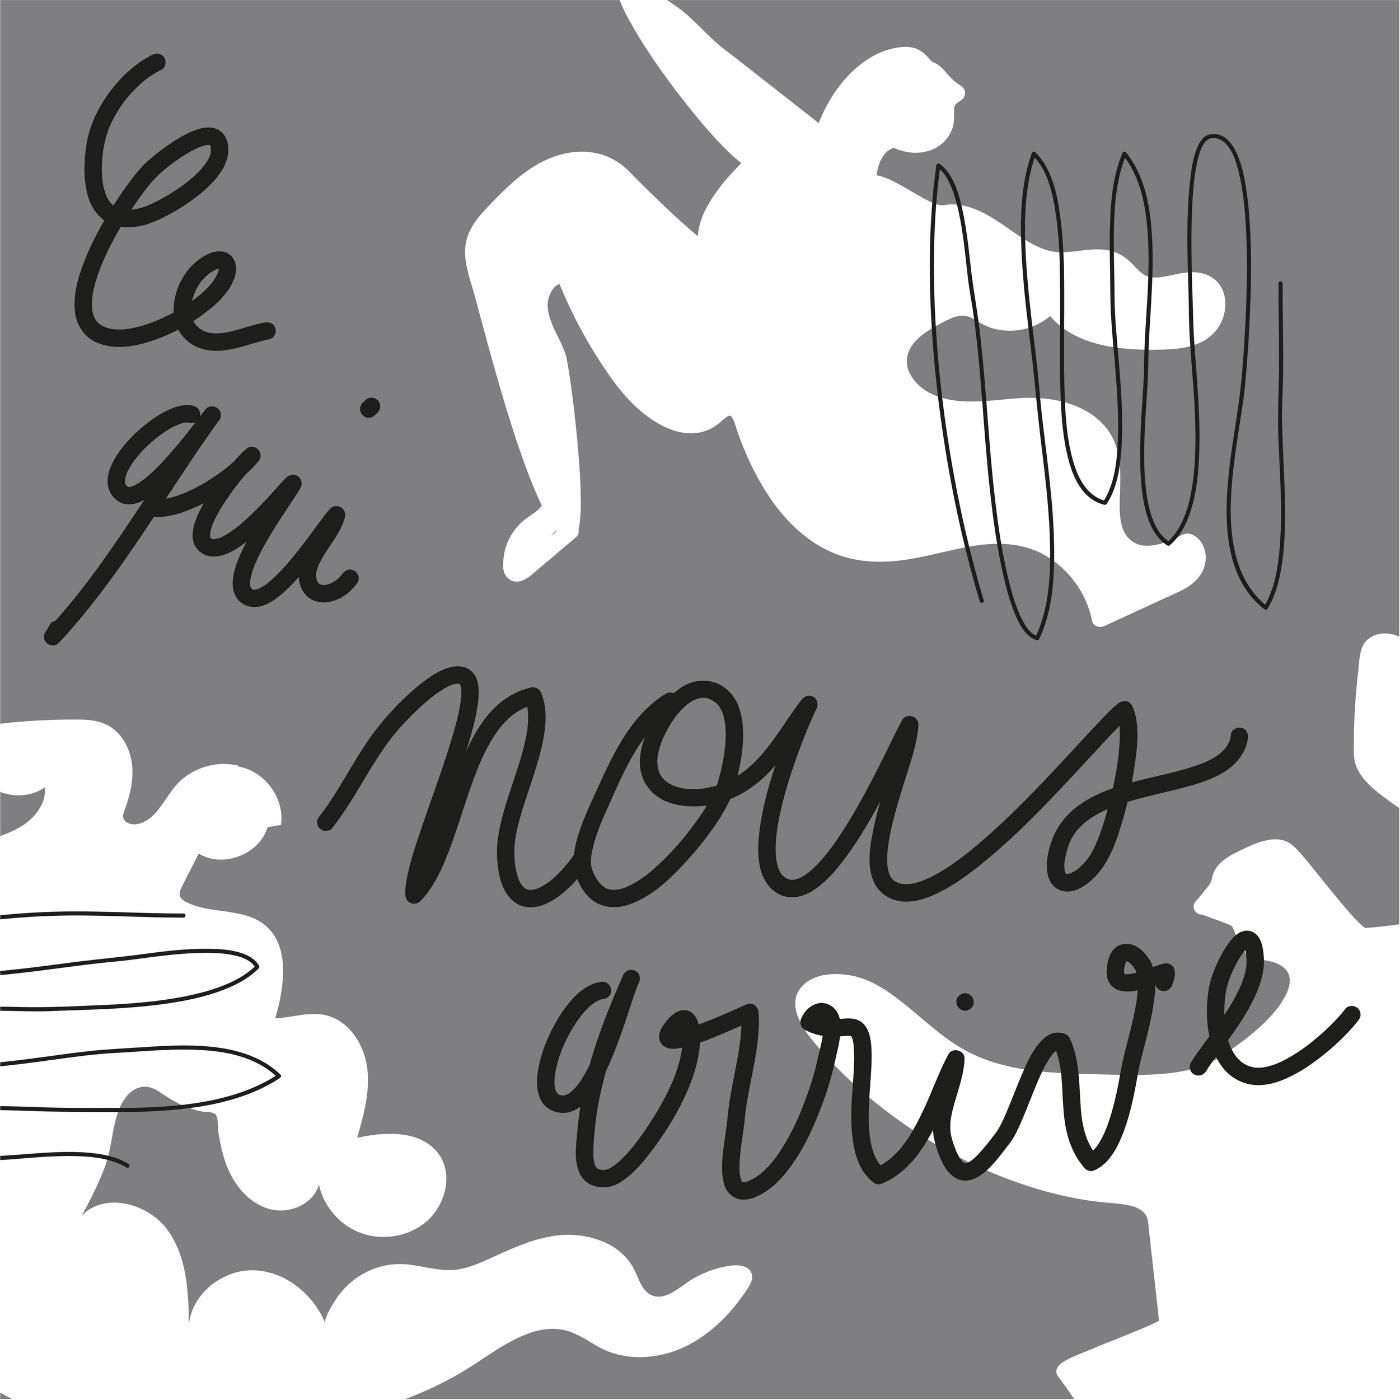 Épisode 3 - Les questions d'Hortense Archambault